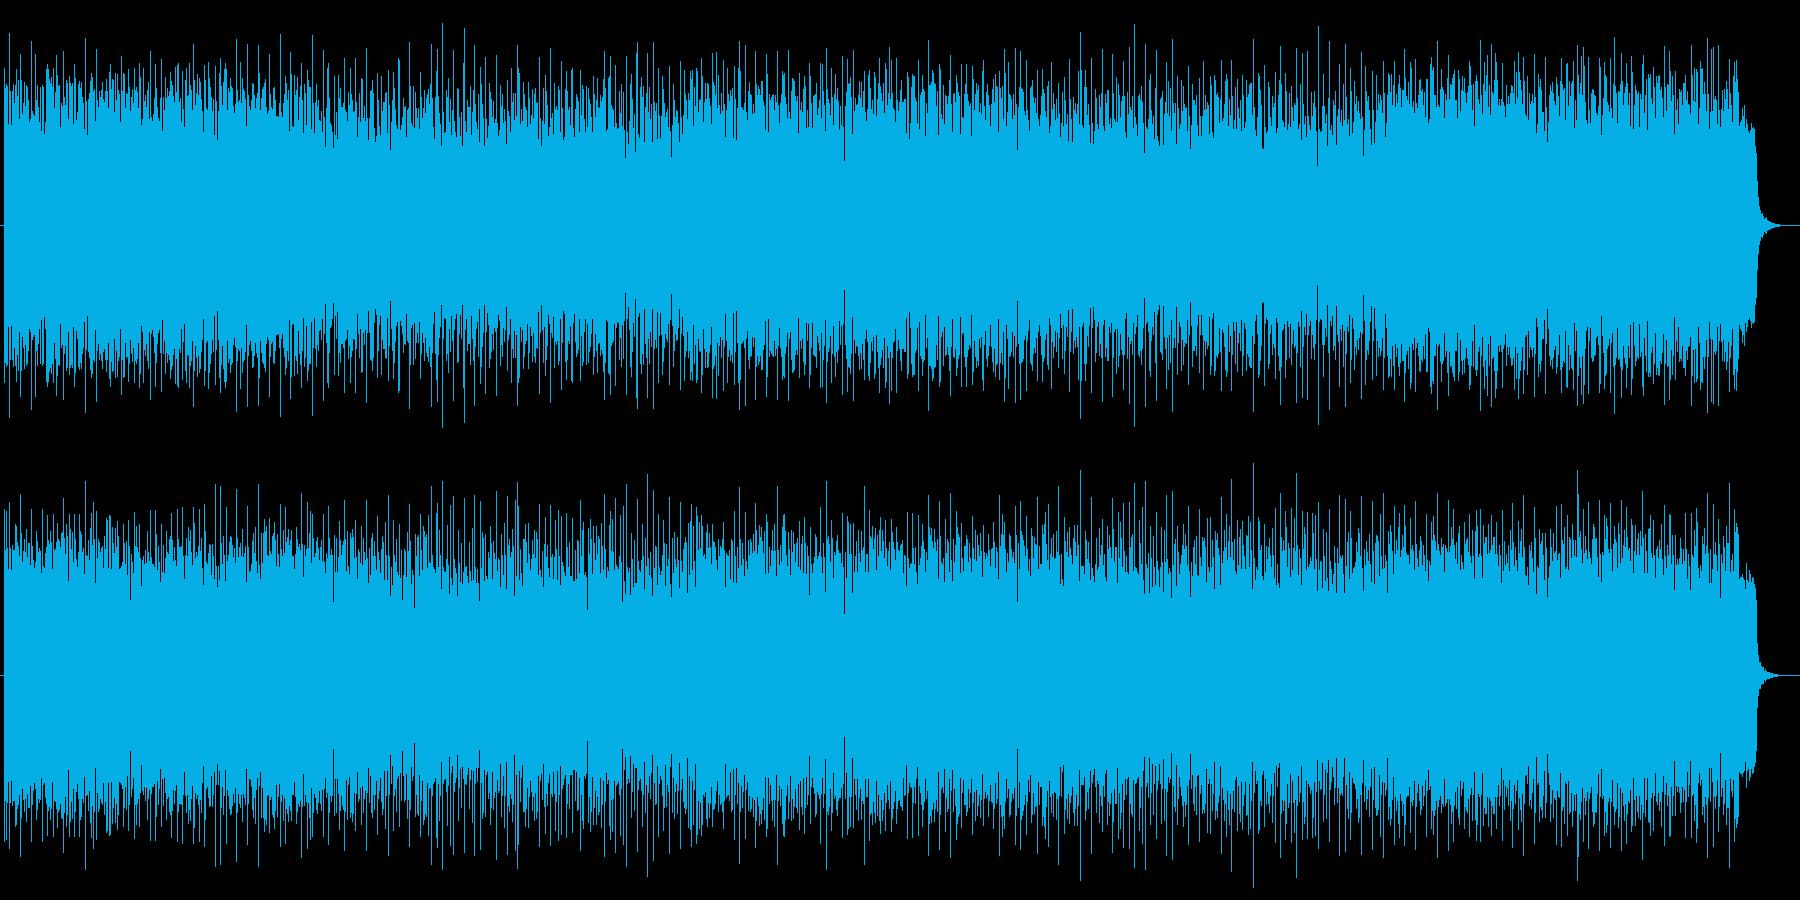 ミステリー感漂うローテンポなロックの再生済みの波形